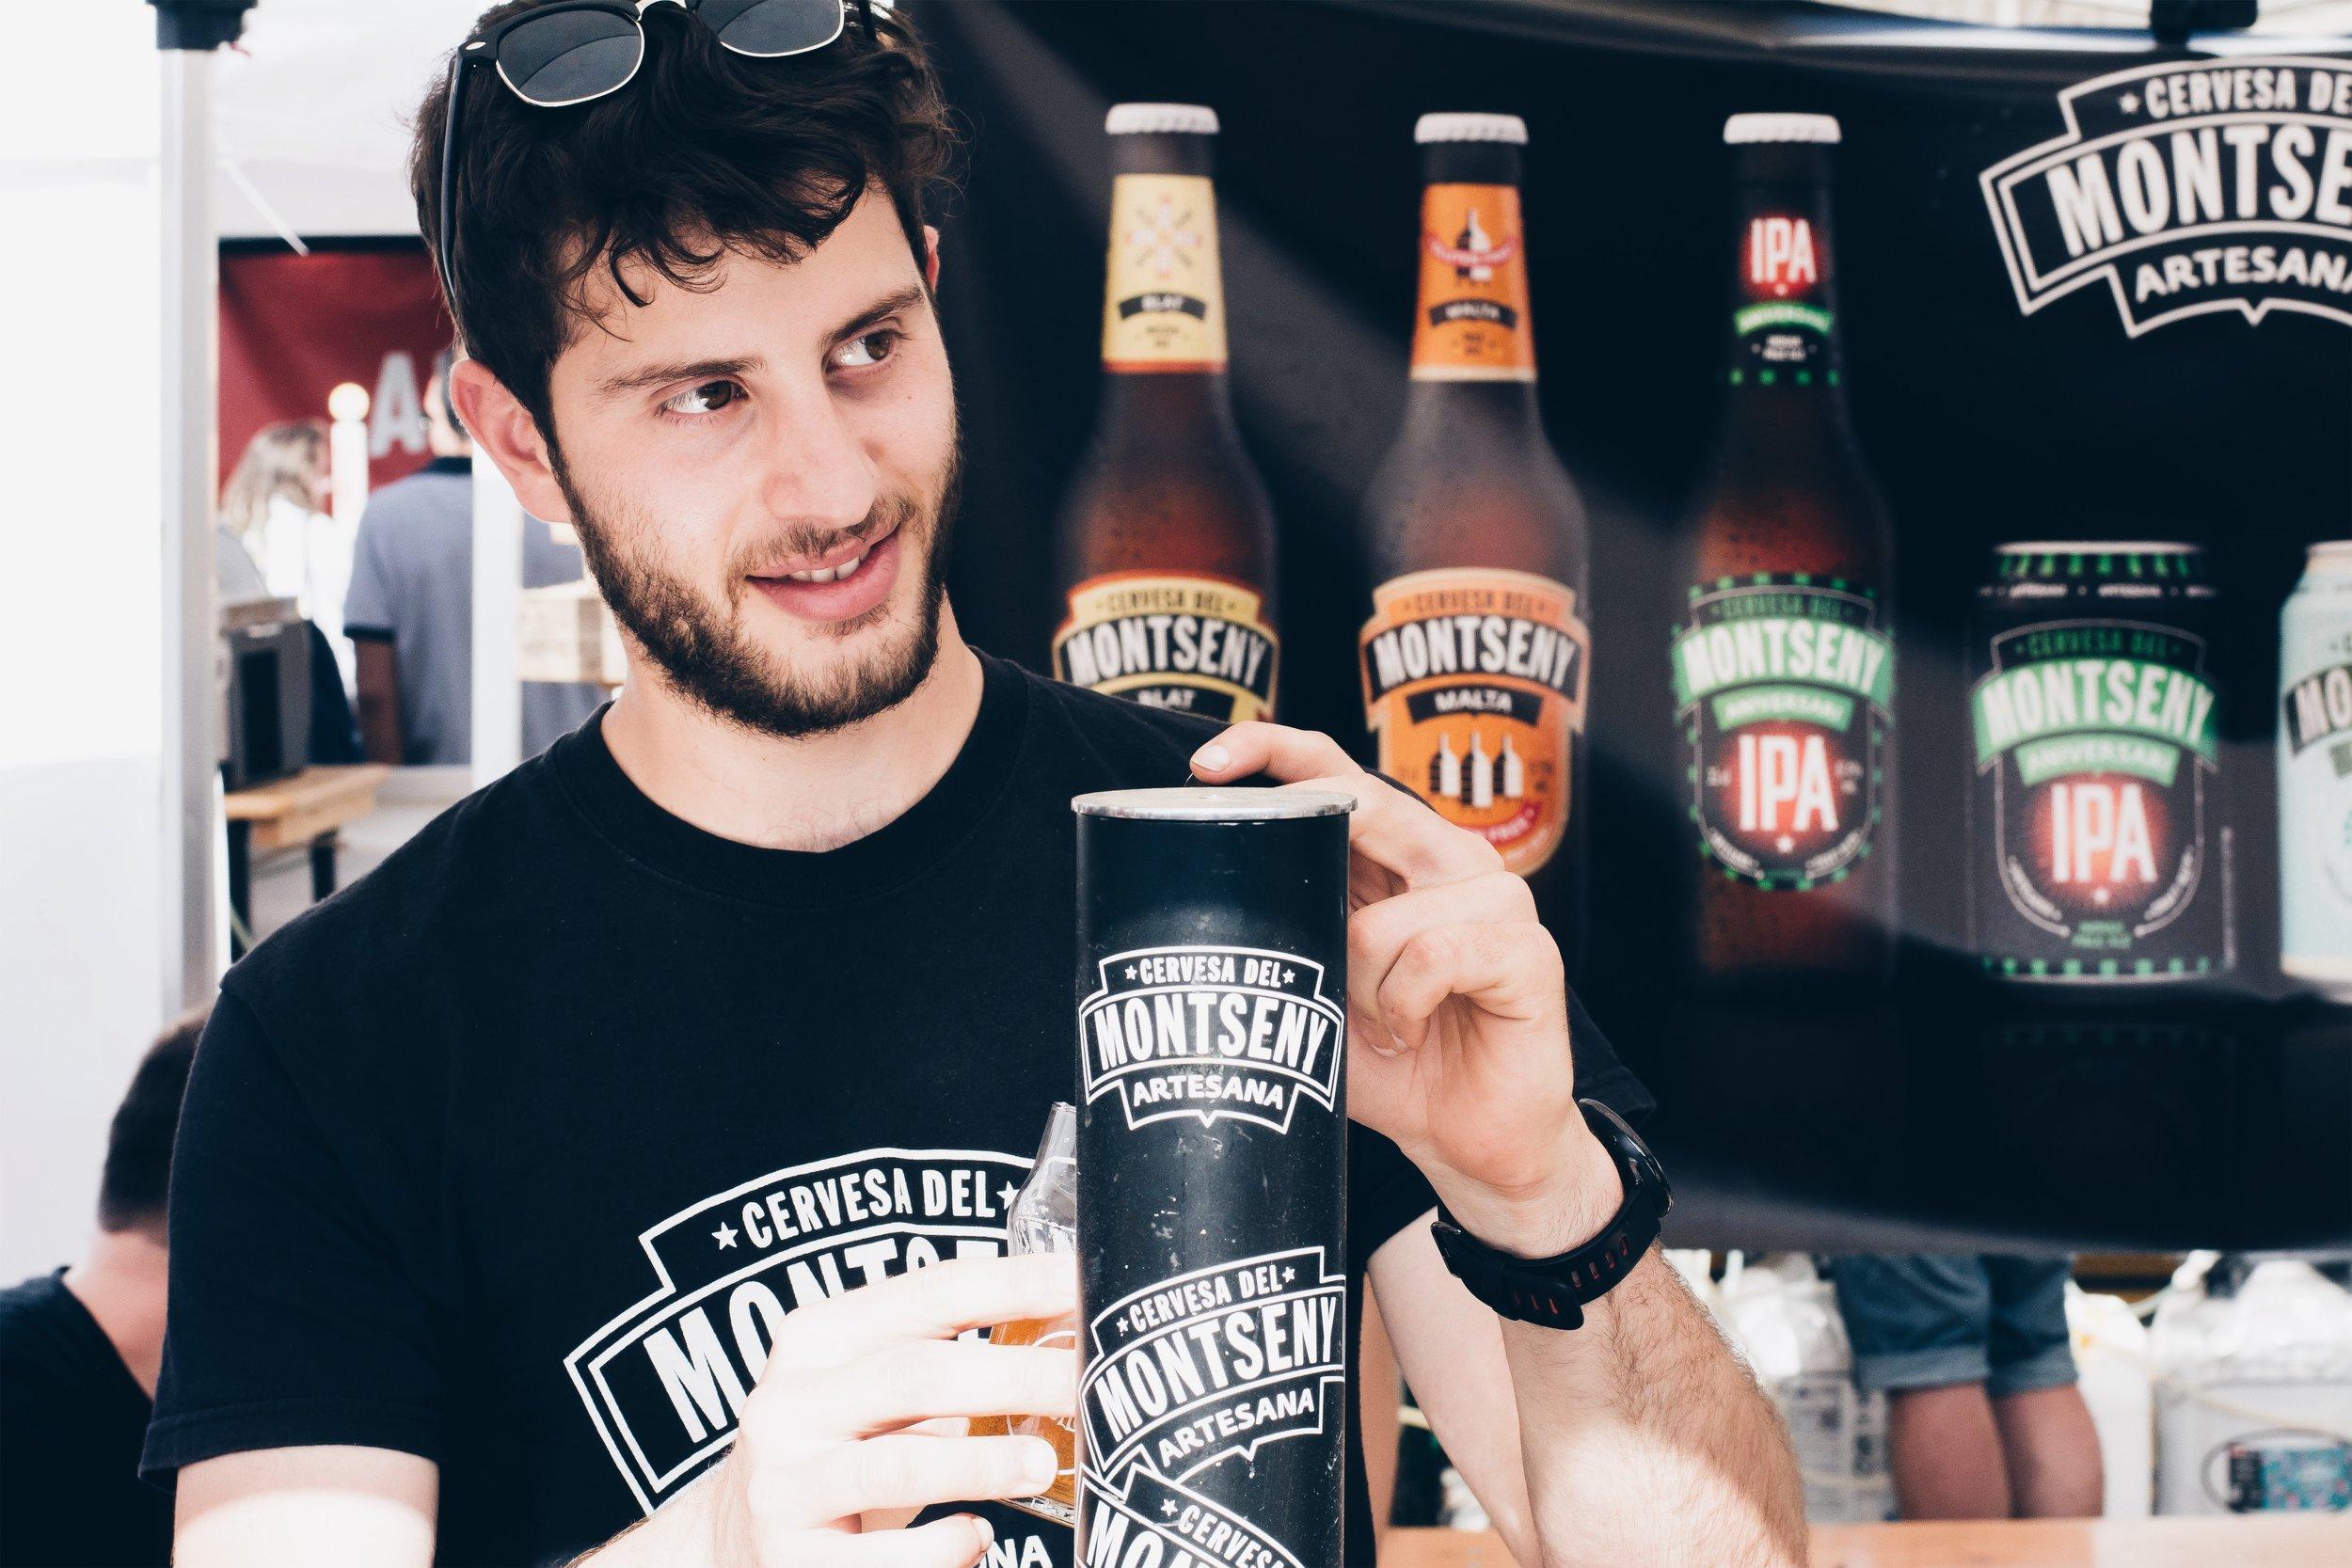 Mostra-cervesa-Mediona-15.jpeg